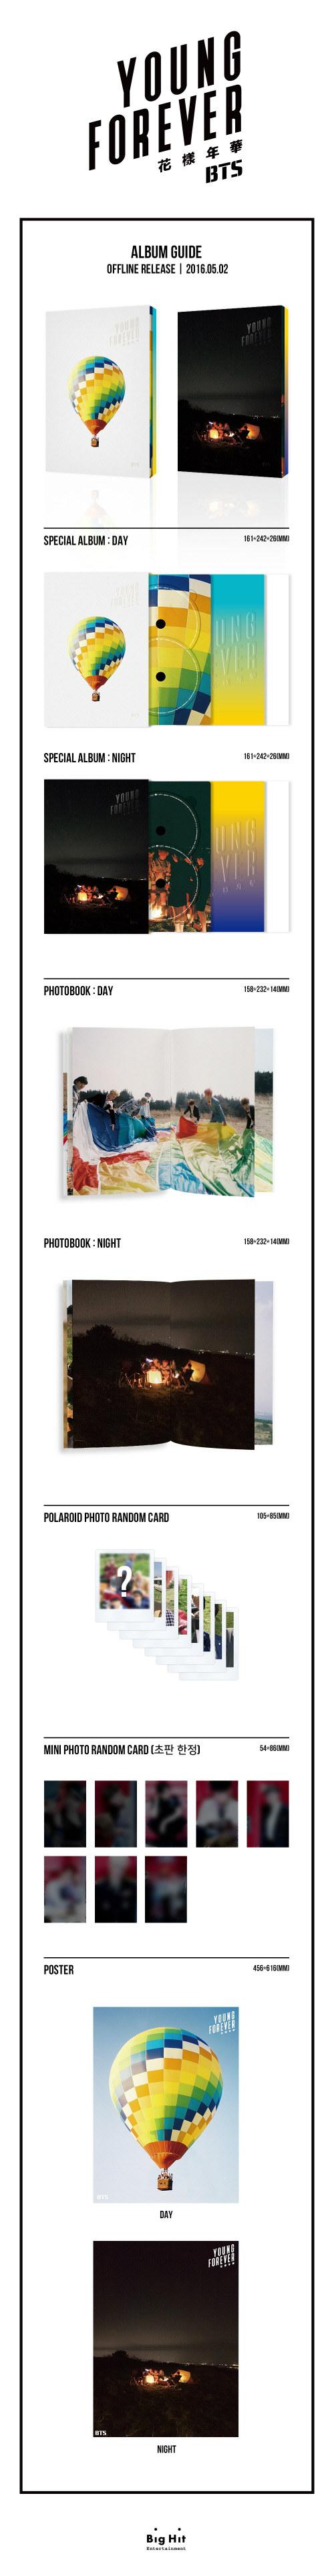 防弾少年団(BTS) - 花様年華 Young Forever [Day Ver.] [+公認ショップ特典付き]